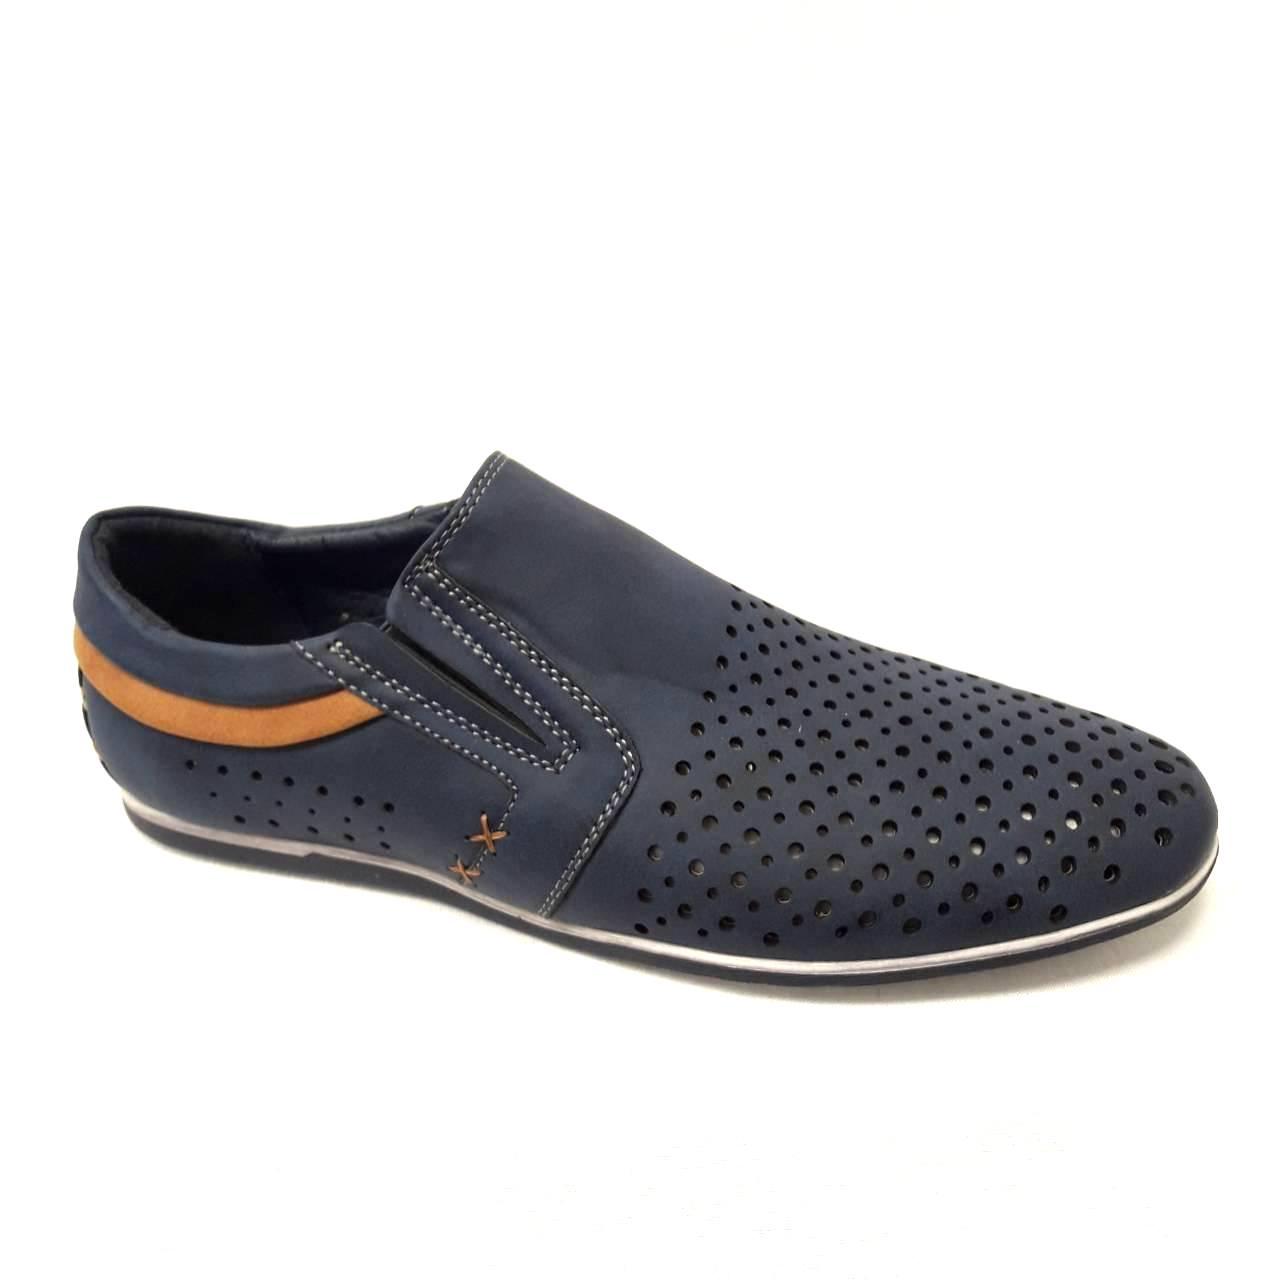 Тъмно сини мъжки кожени обувки на дупки.